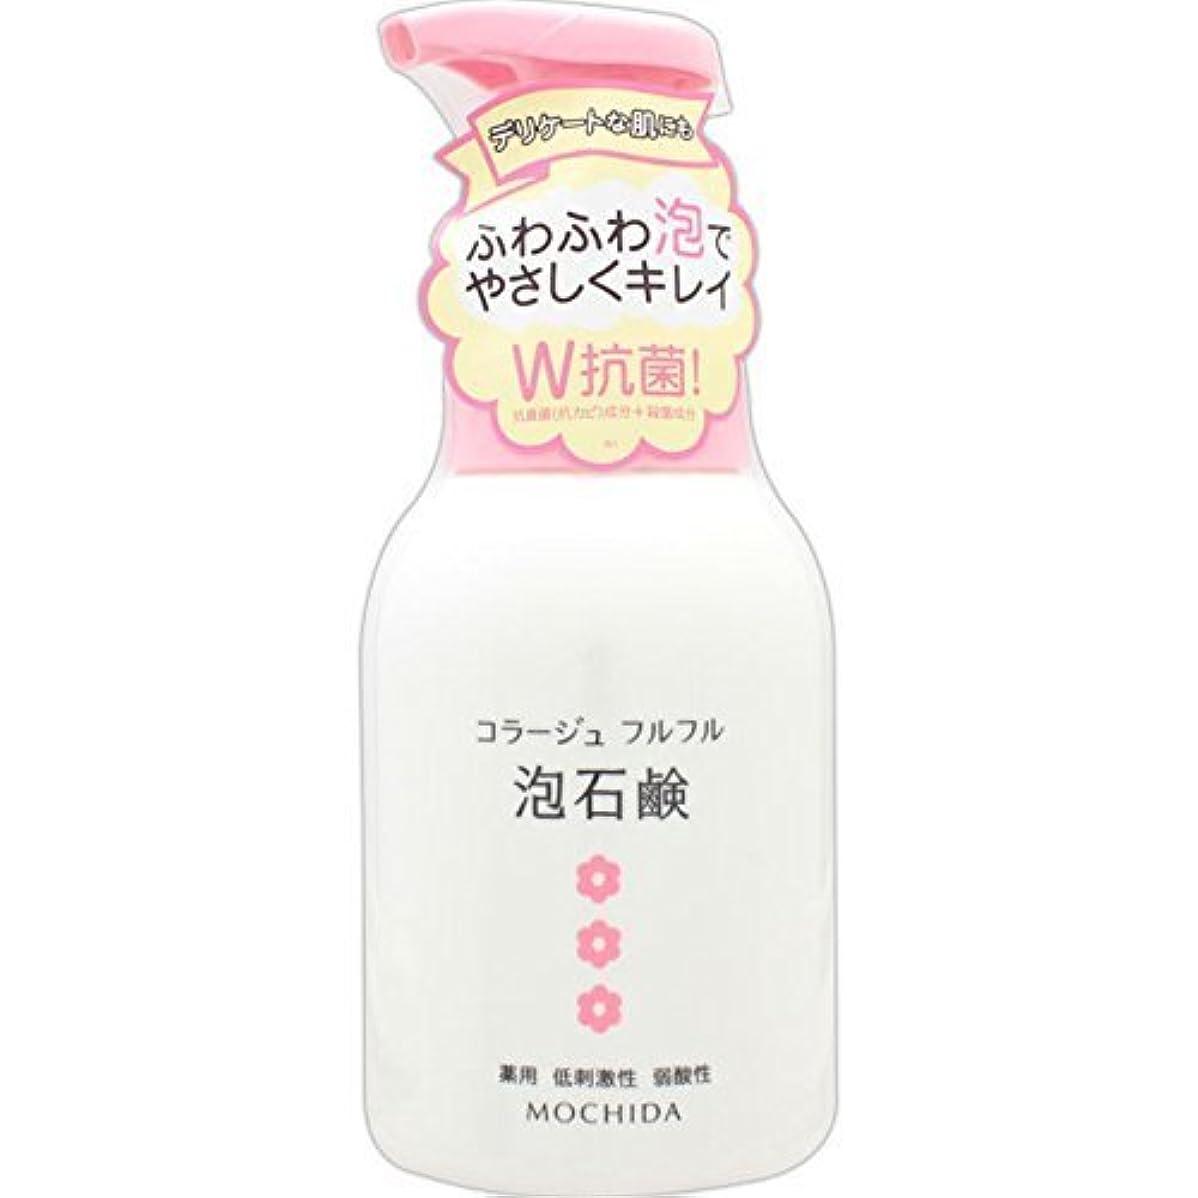 レジシフトカスケードコラージュフルフル 泡石鹸 ピンク 300m L (医薬部外品) ×5